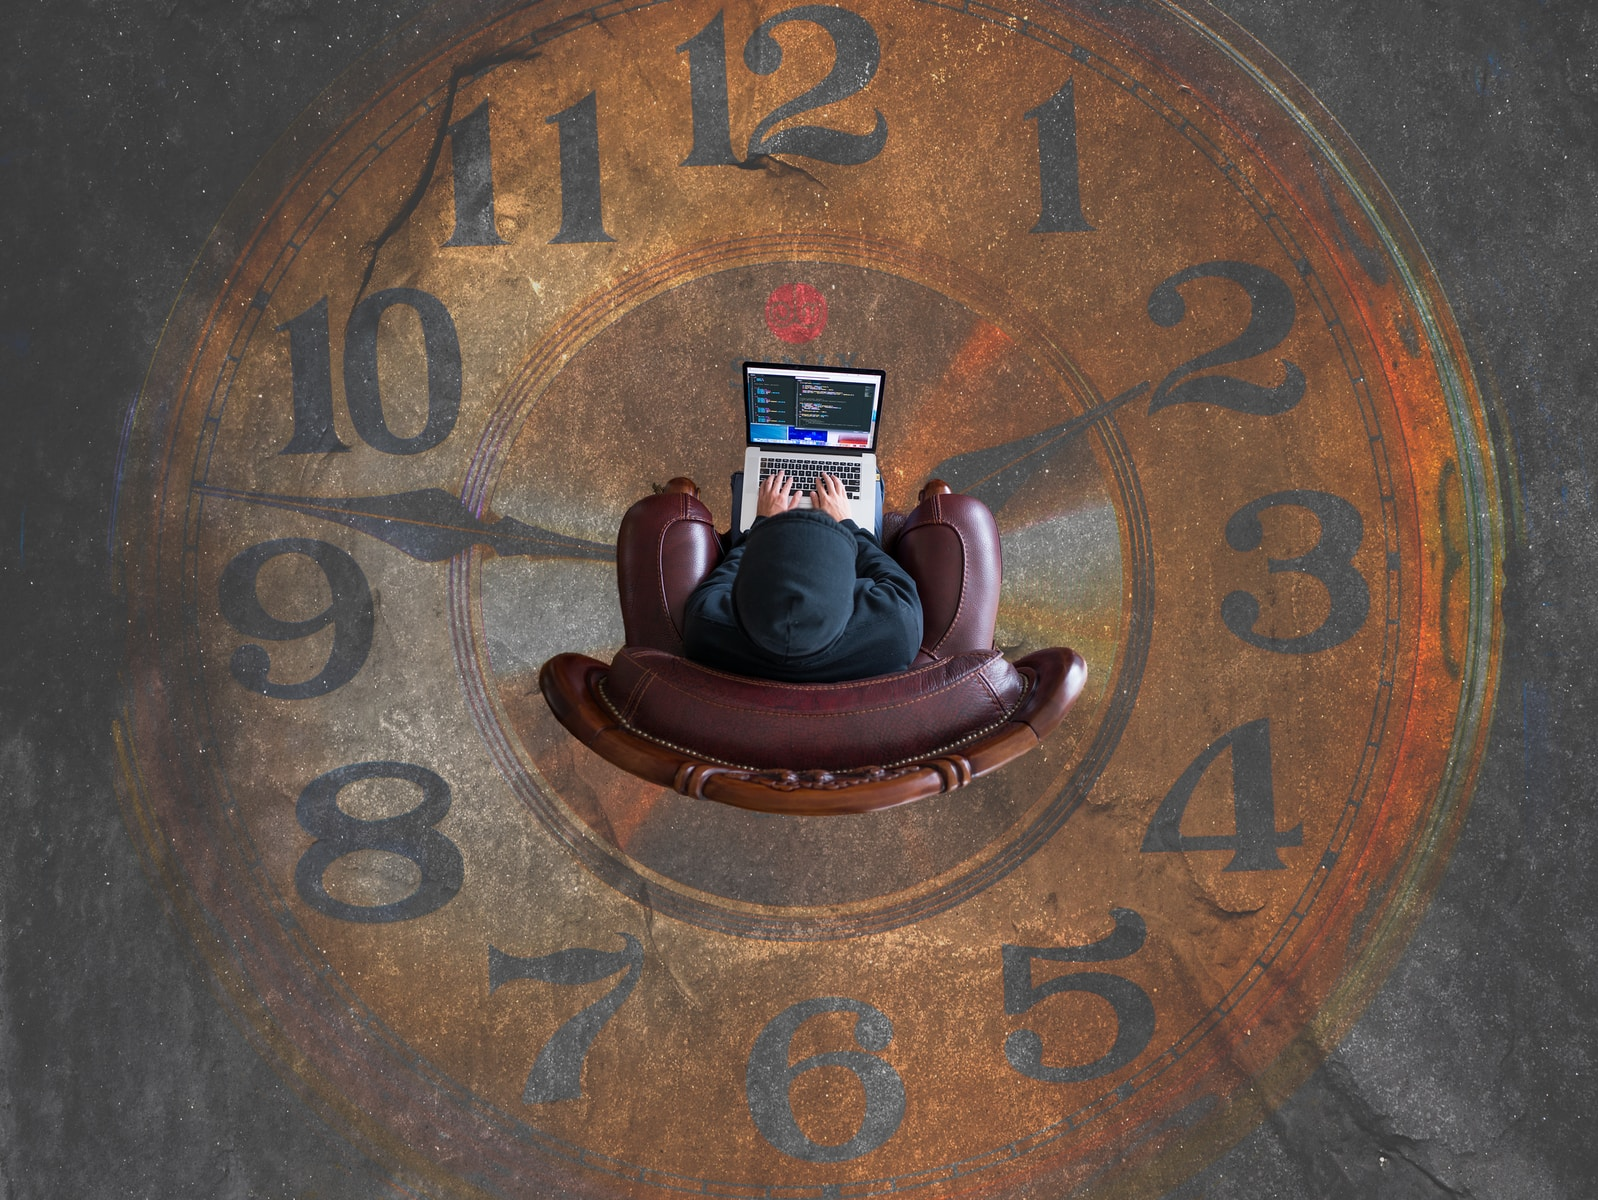 Como o isolamento mudou nossa percepção sobre o tempo